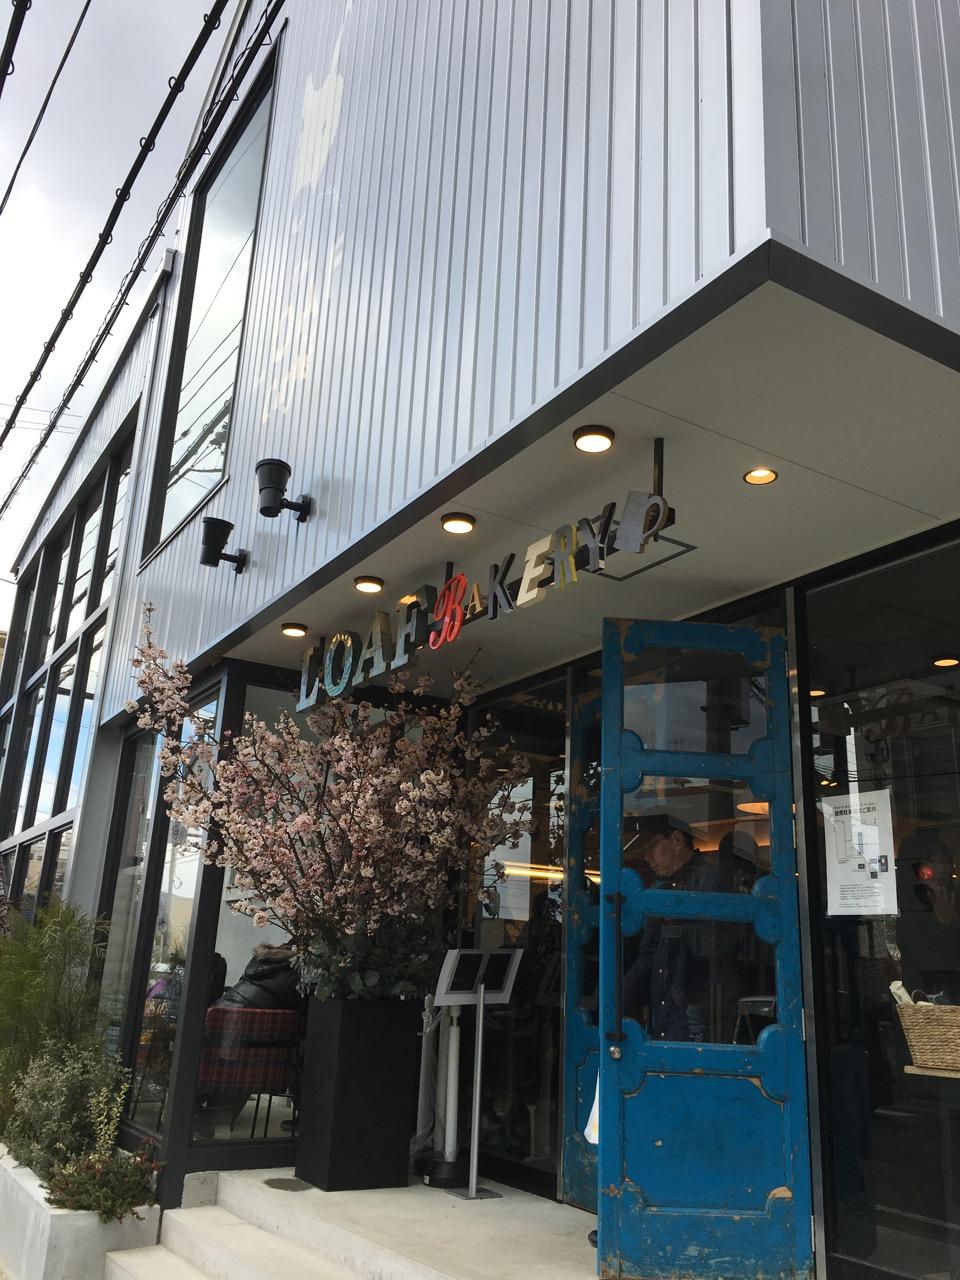 The Loaf Cafe(ザ・ローフカフェ)のランチに早速行ってきたよ。